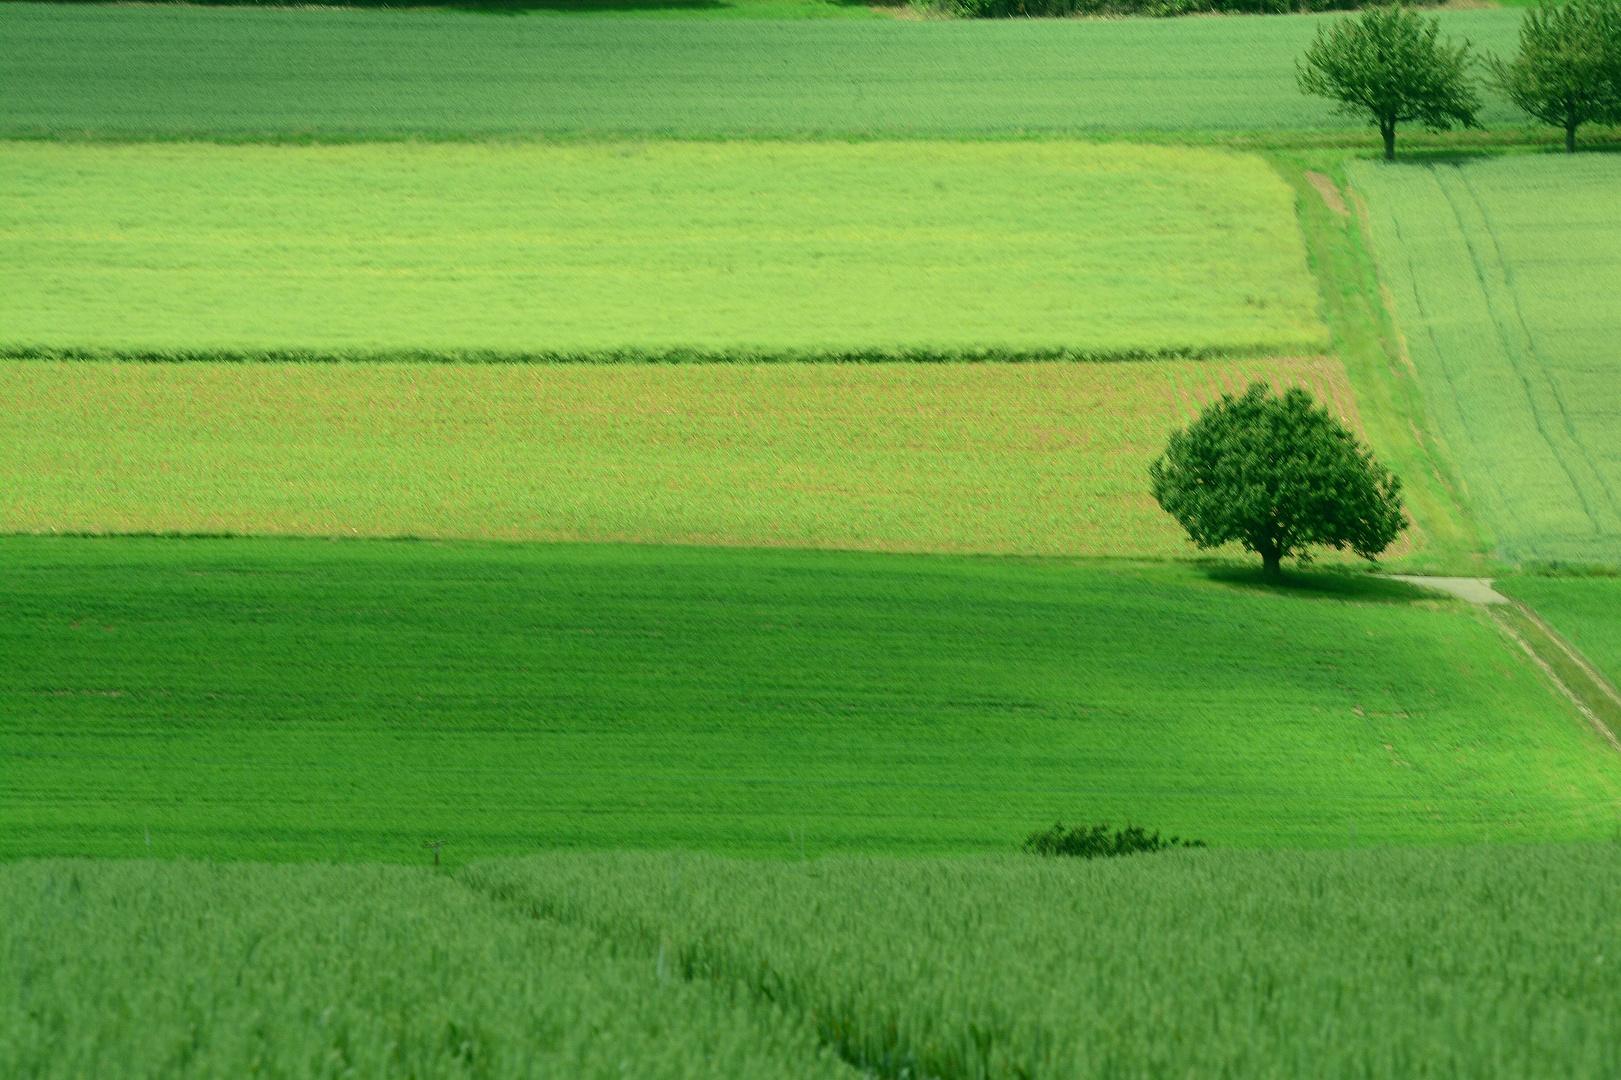 Schweizer Landschaften (4)